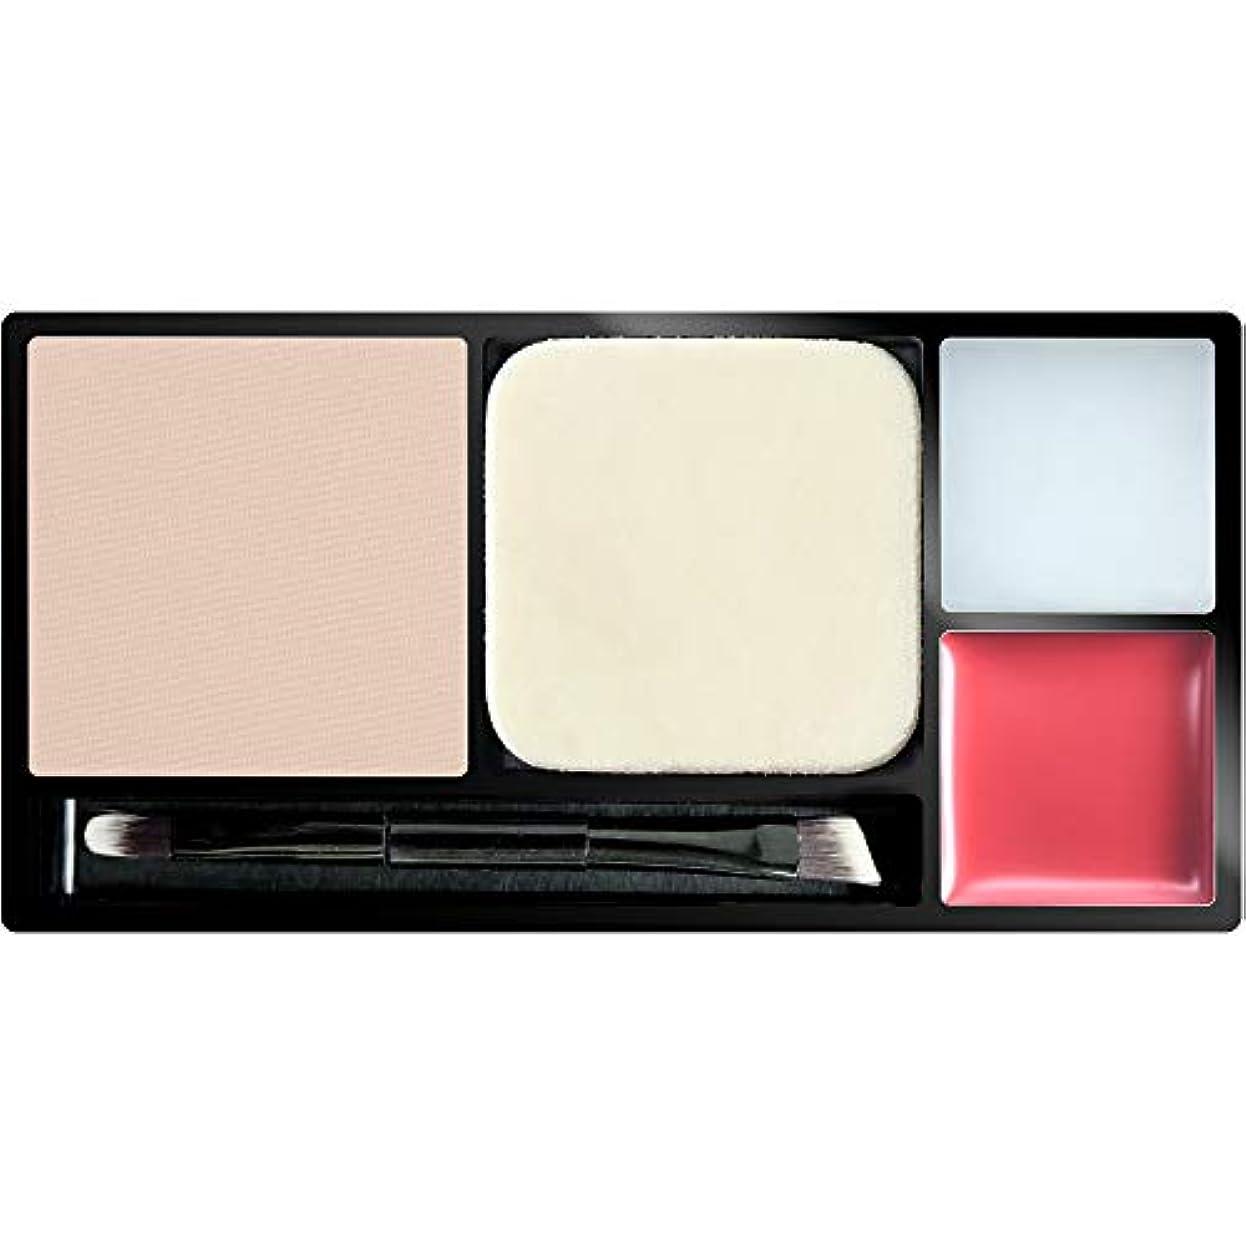 体現する矛盾スキップFillit フィリット_Makeup Palette メイクパレット(SF01 Poppy Light Red)